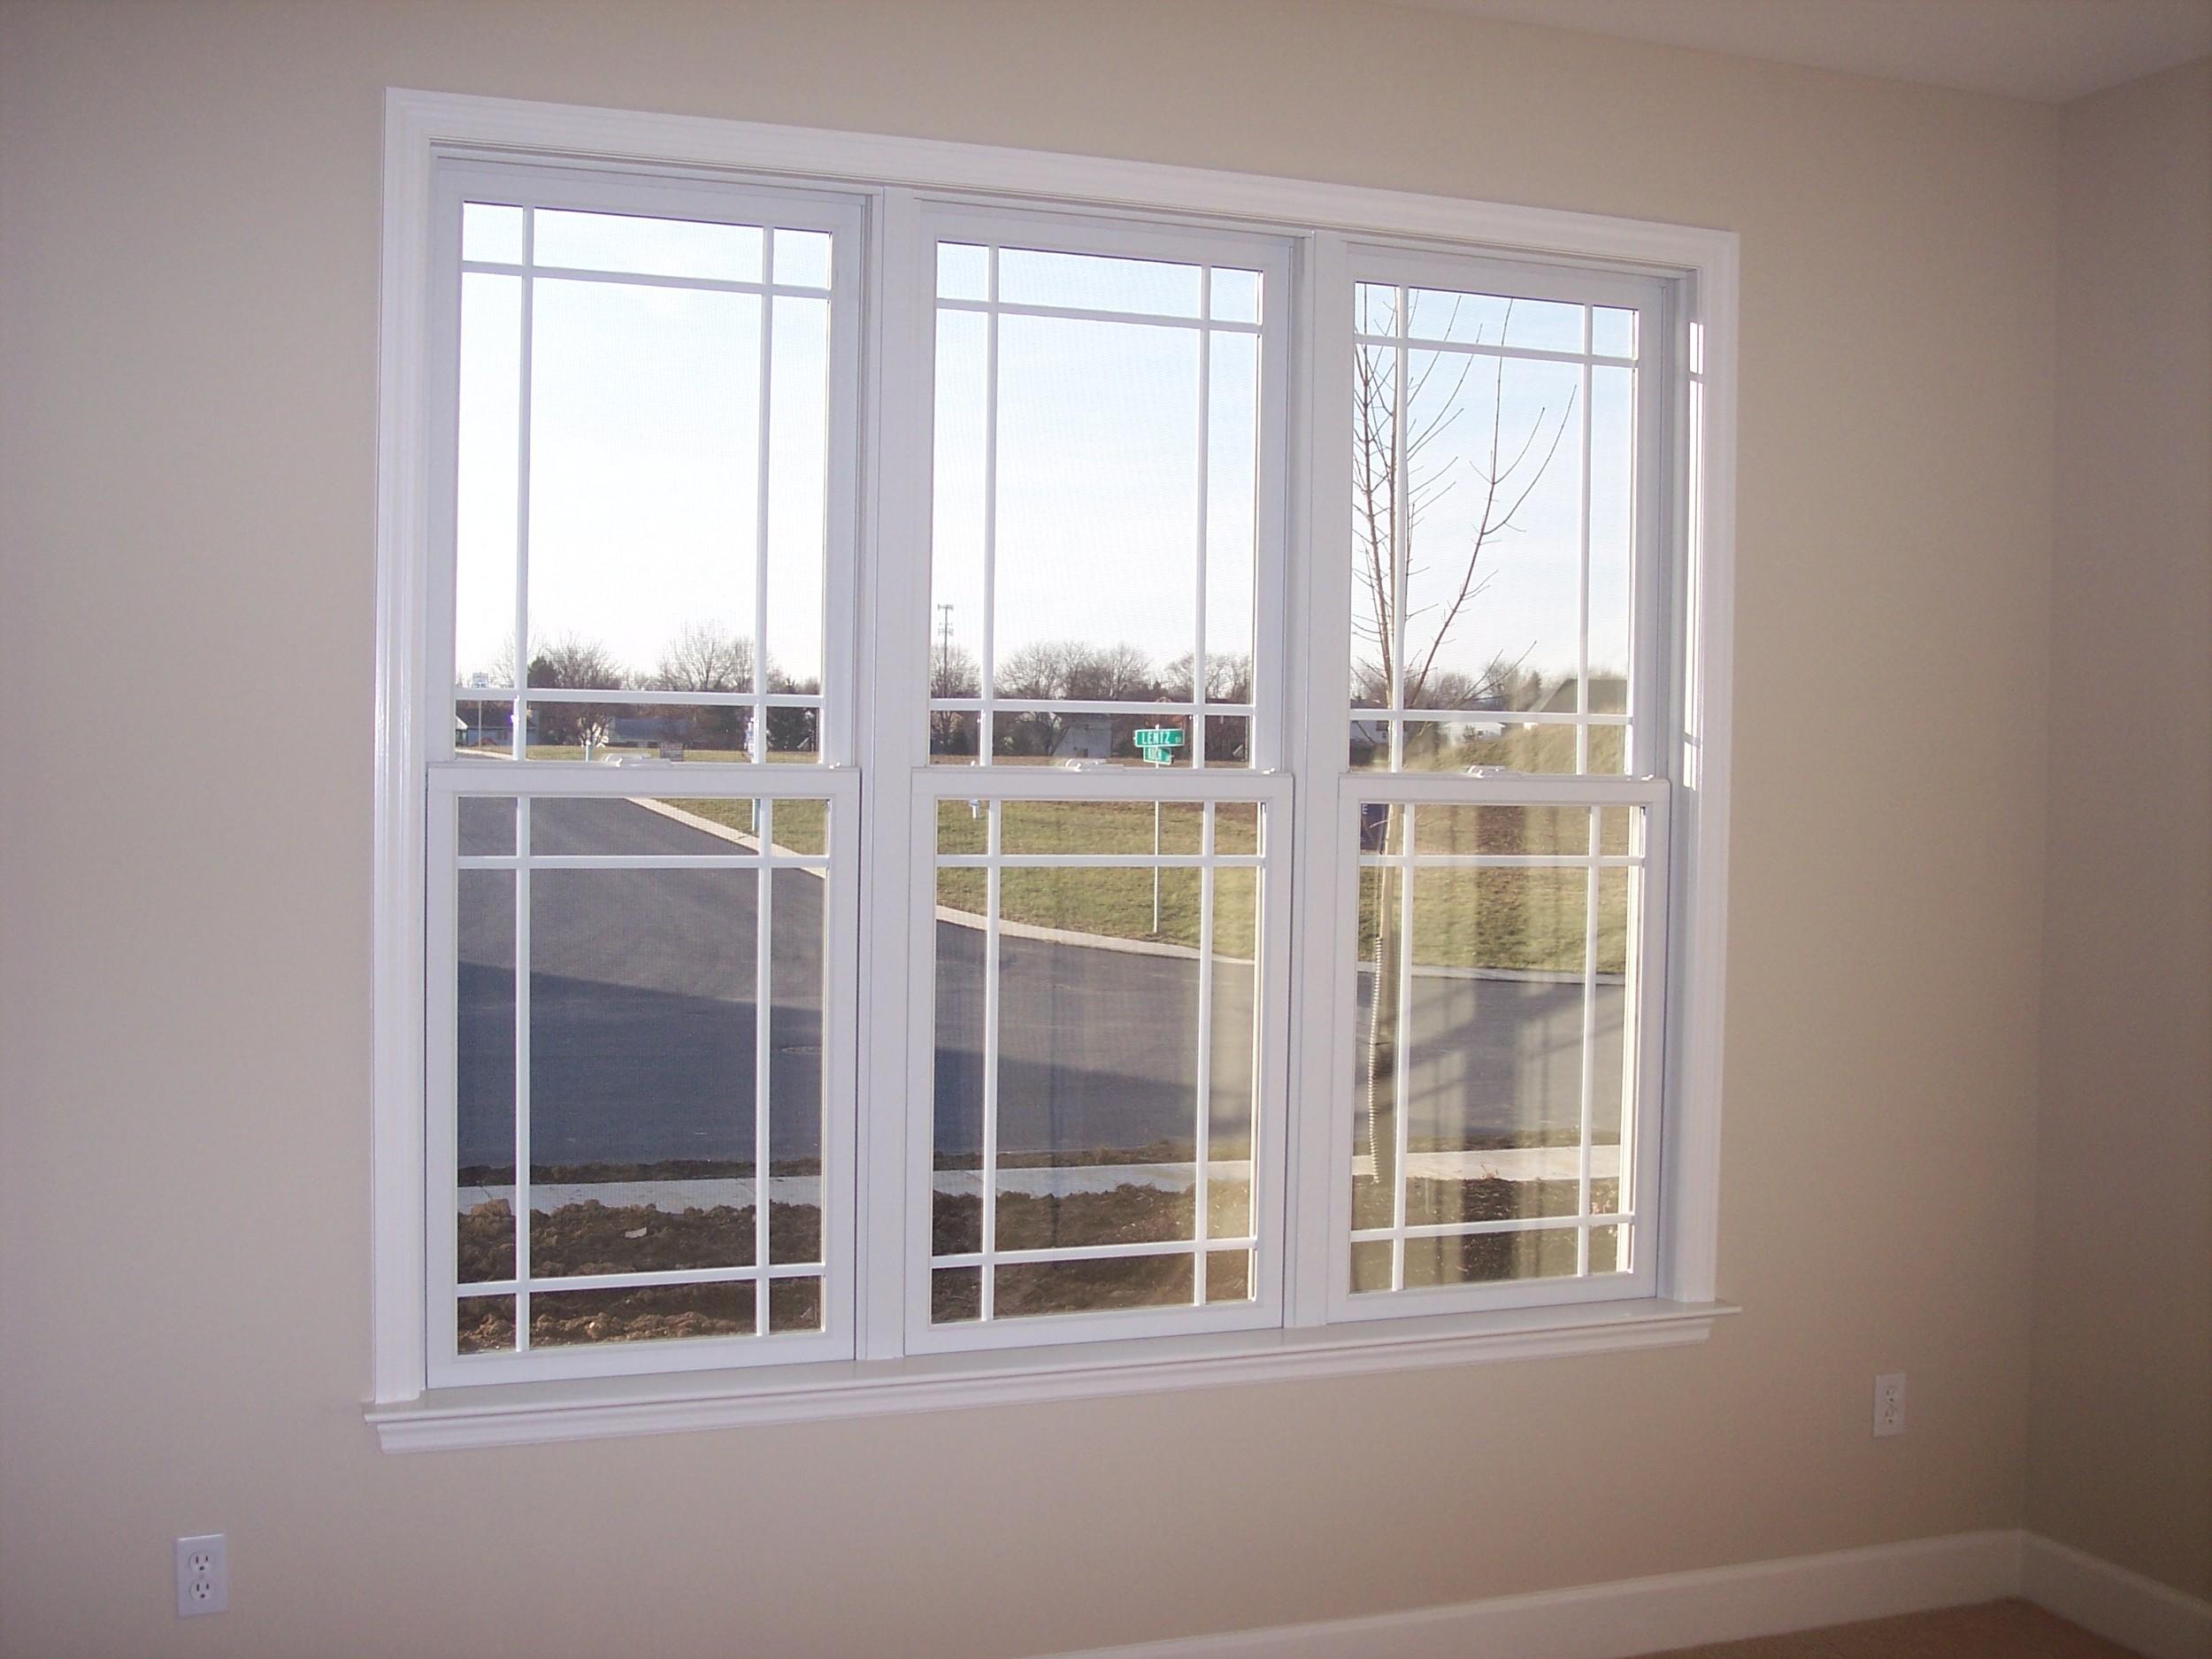 12-17-08-prairie-window1.jpg